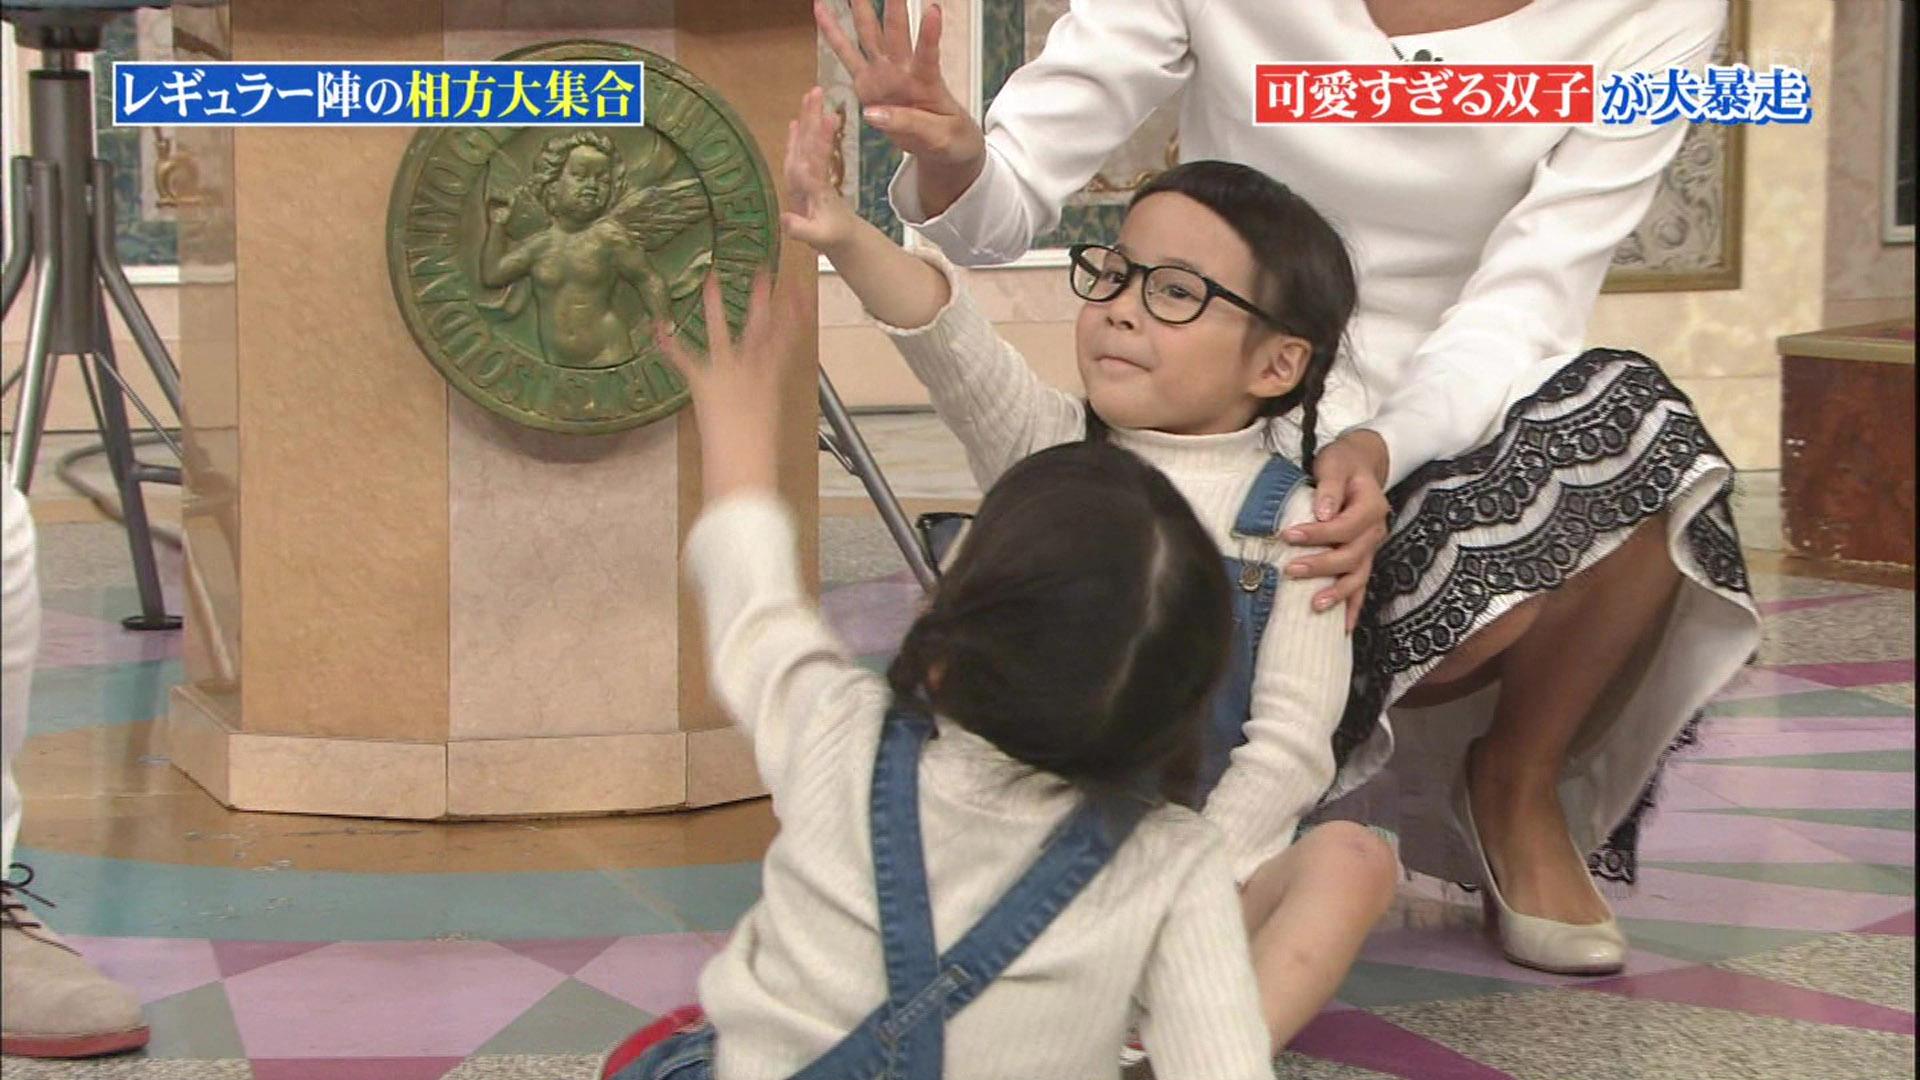 徳島えりかアナのしゃがんだスカートの中が見えるハプニング!!【GIF動画あり】